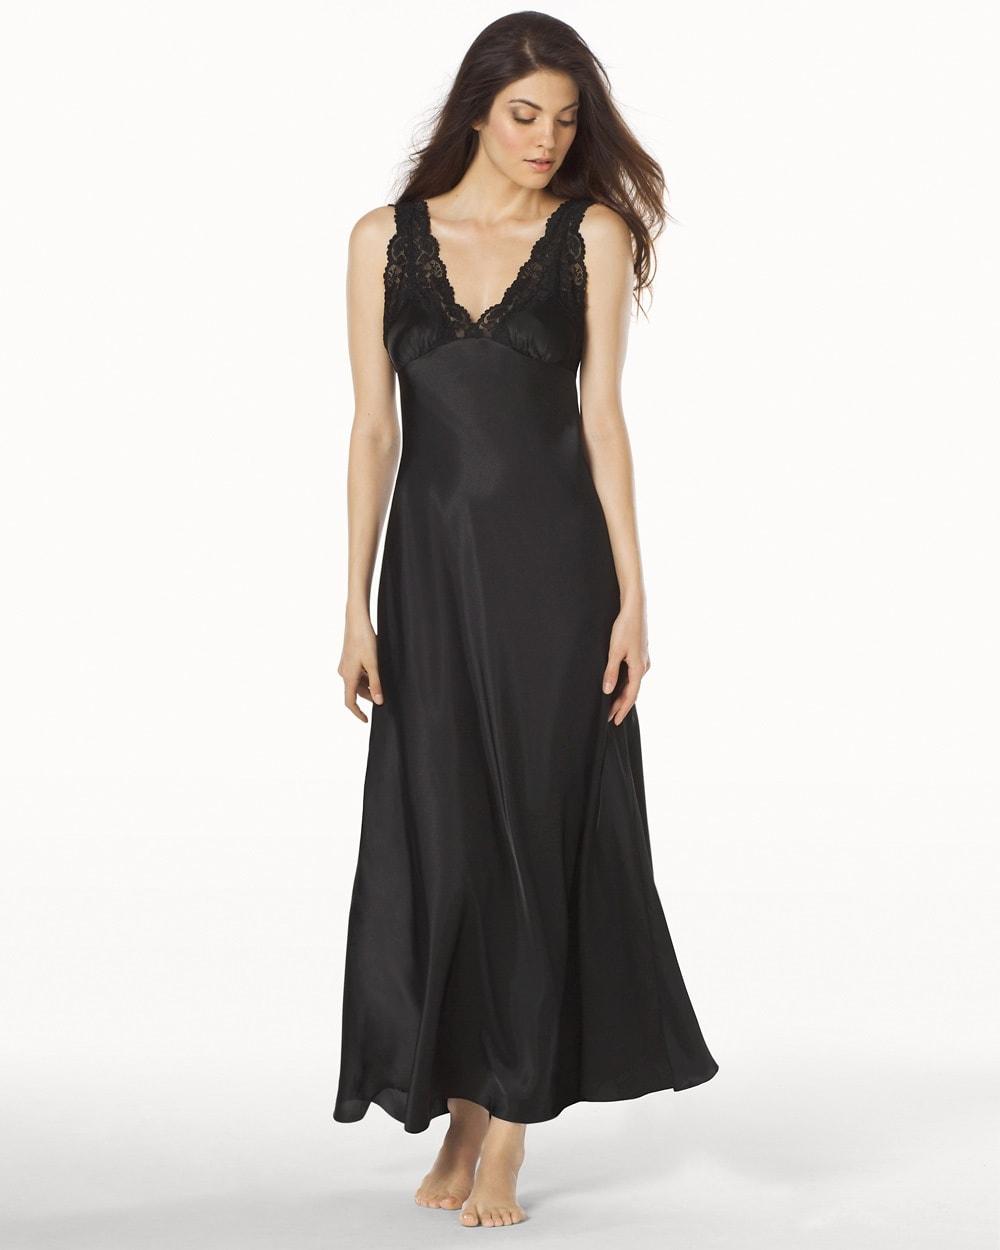 Taylor Long Satin Nightgown Black - Soma